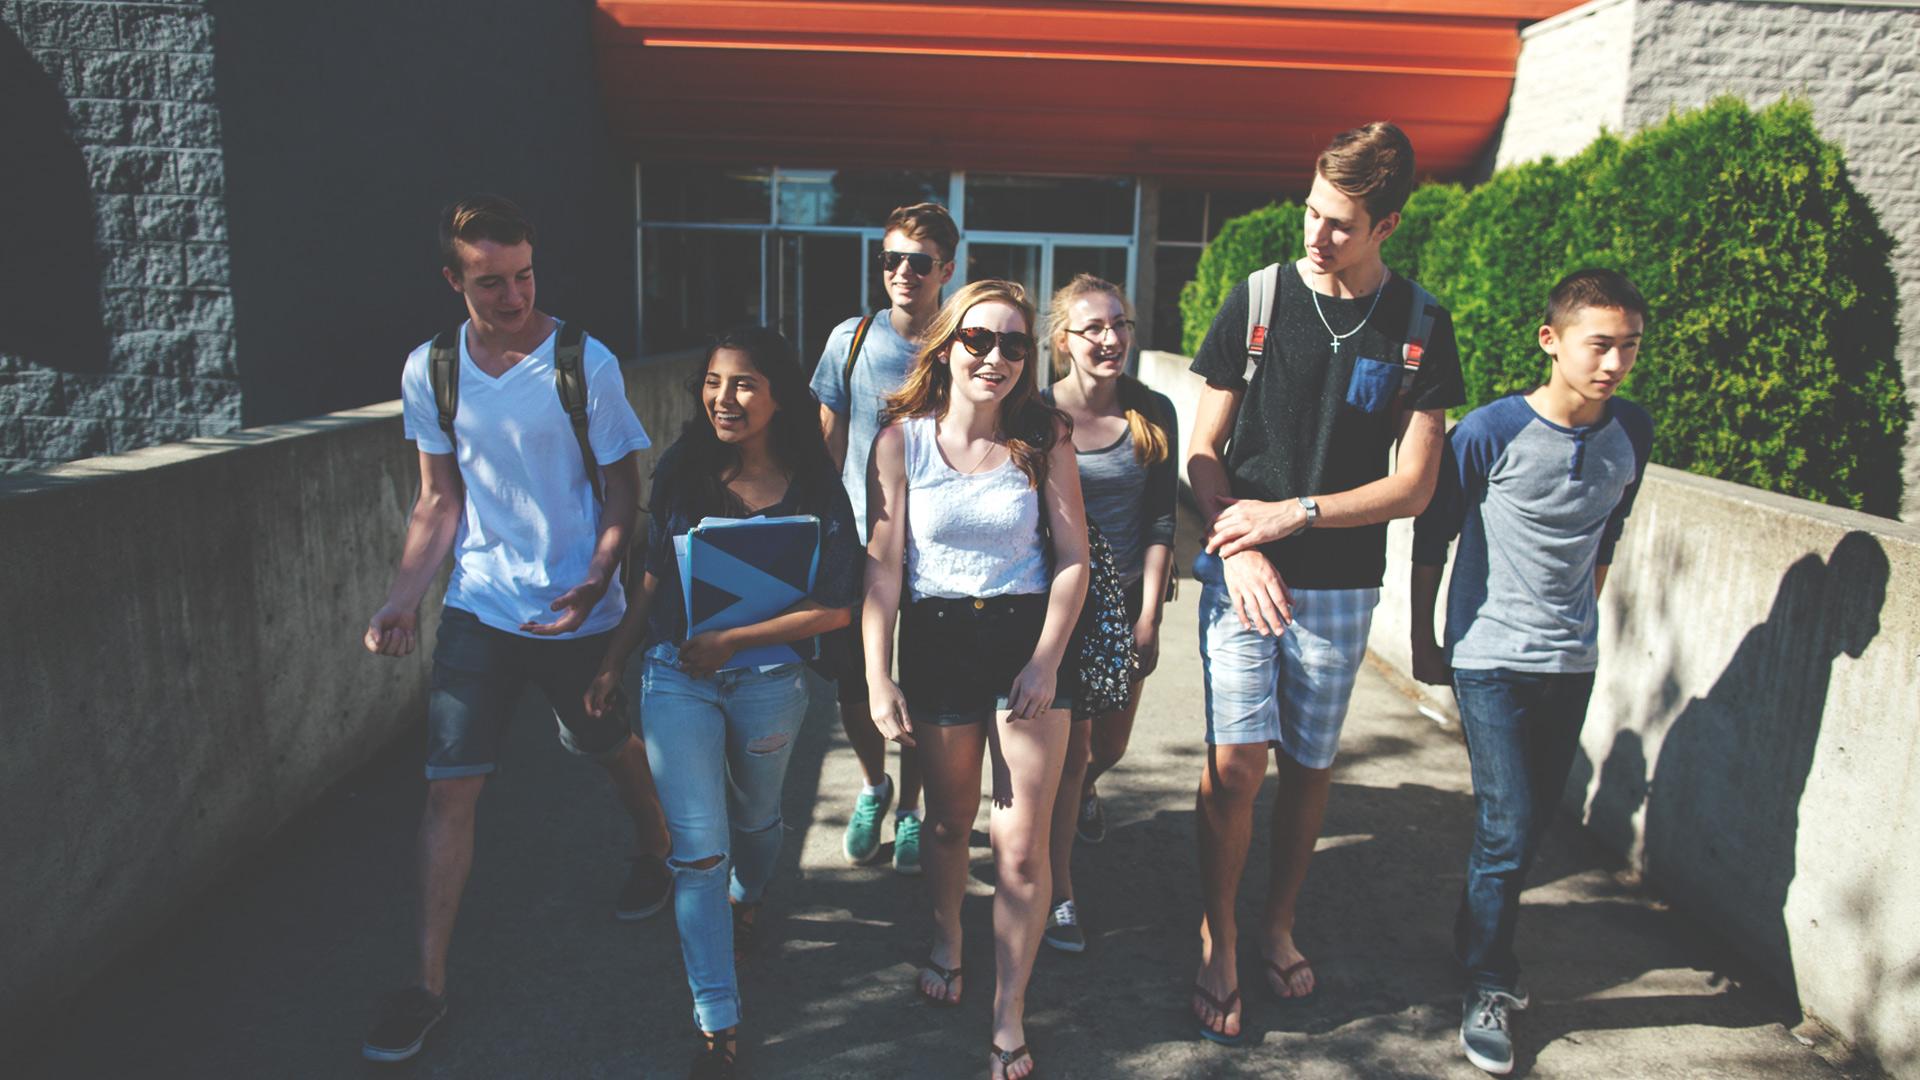 Teens leaving school